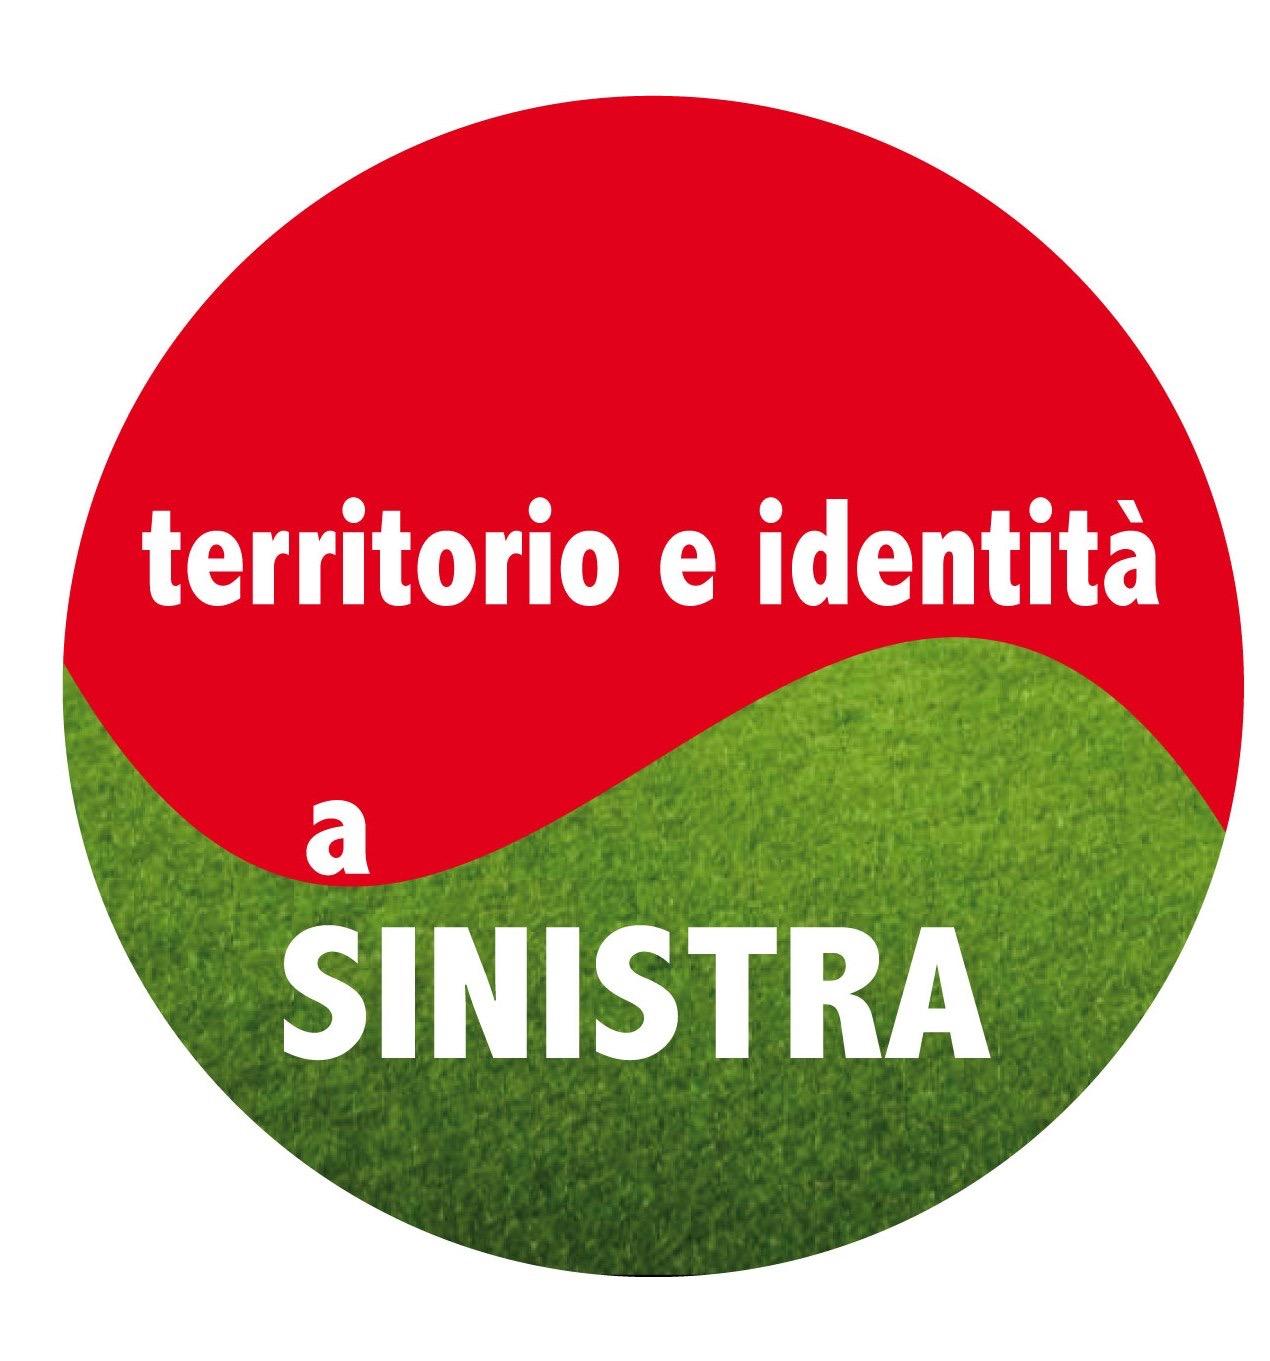 LOGO TERRITORIO e identità a sinistra